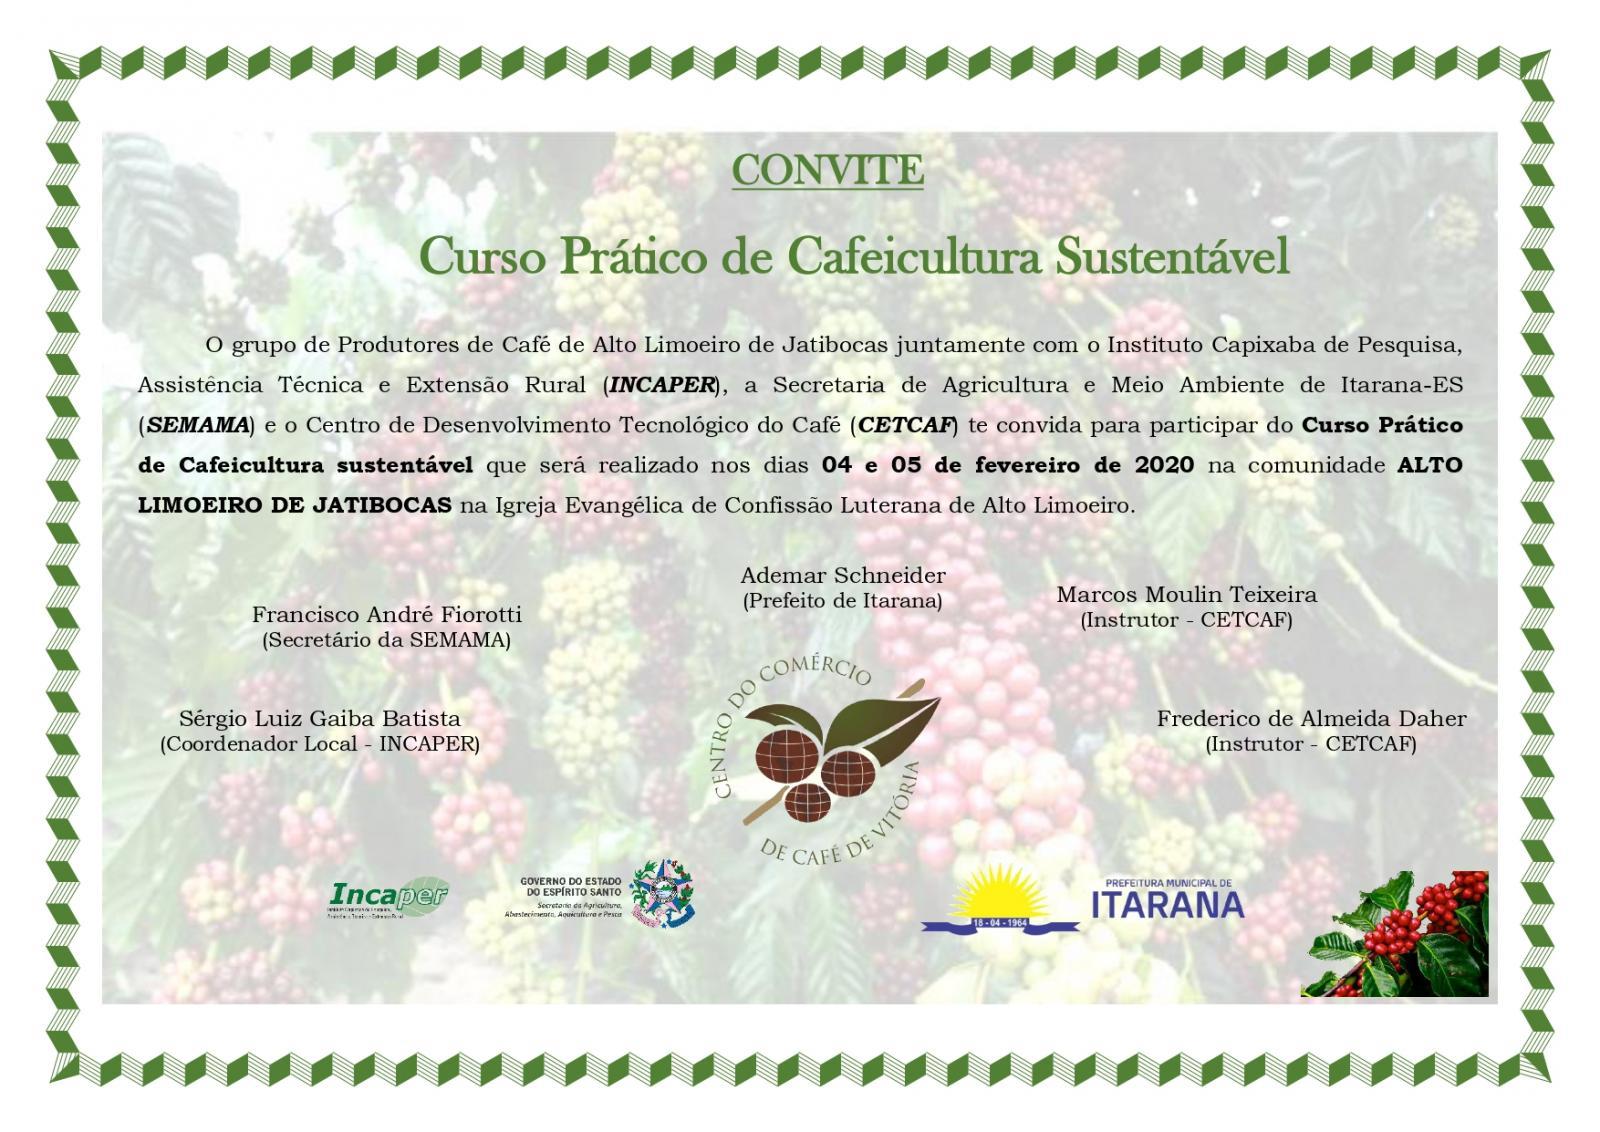 Secretaria Municipal de Agricultura e Meio Ambiente convida interessados para participarem do Curso Prático de Cafeicultura Sustentável